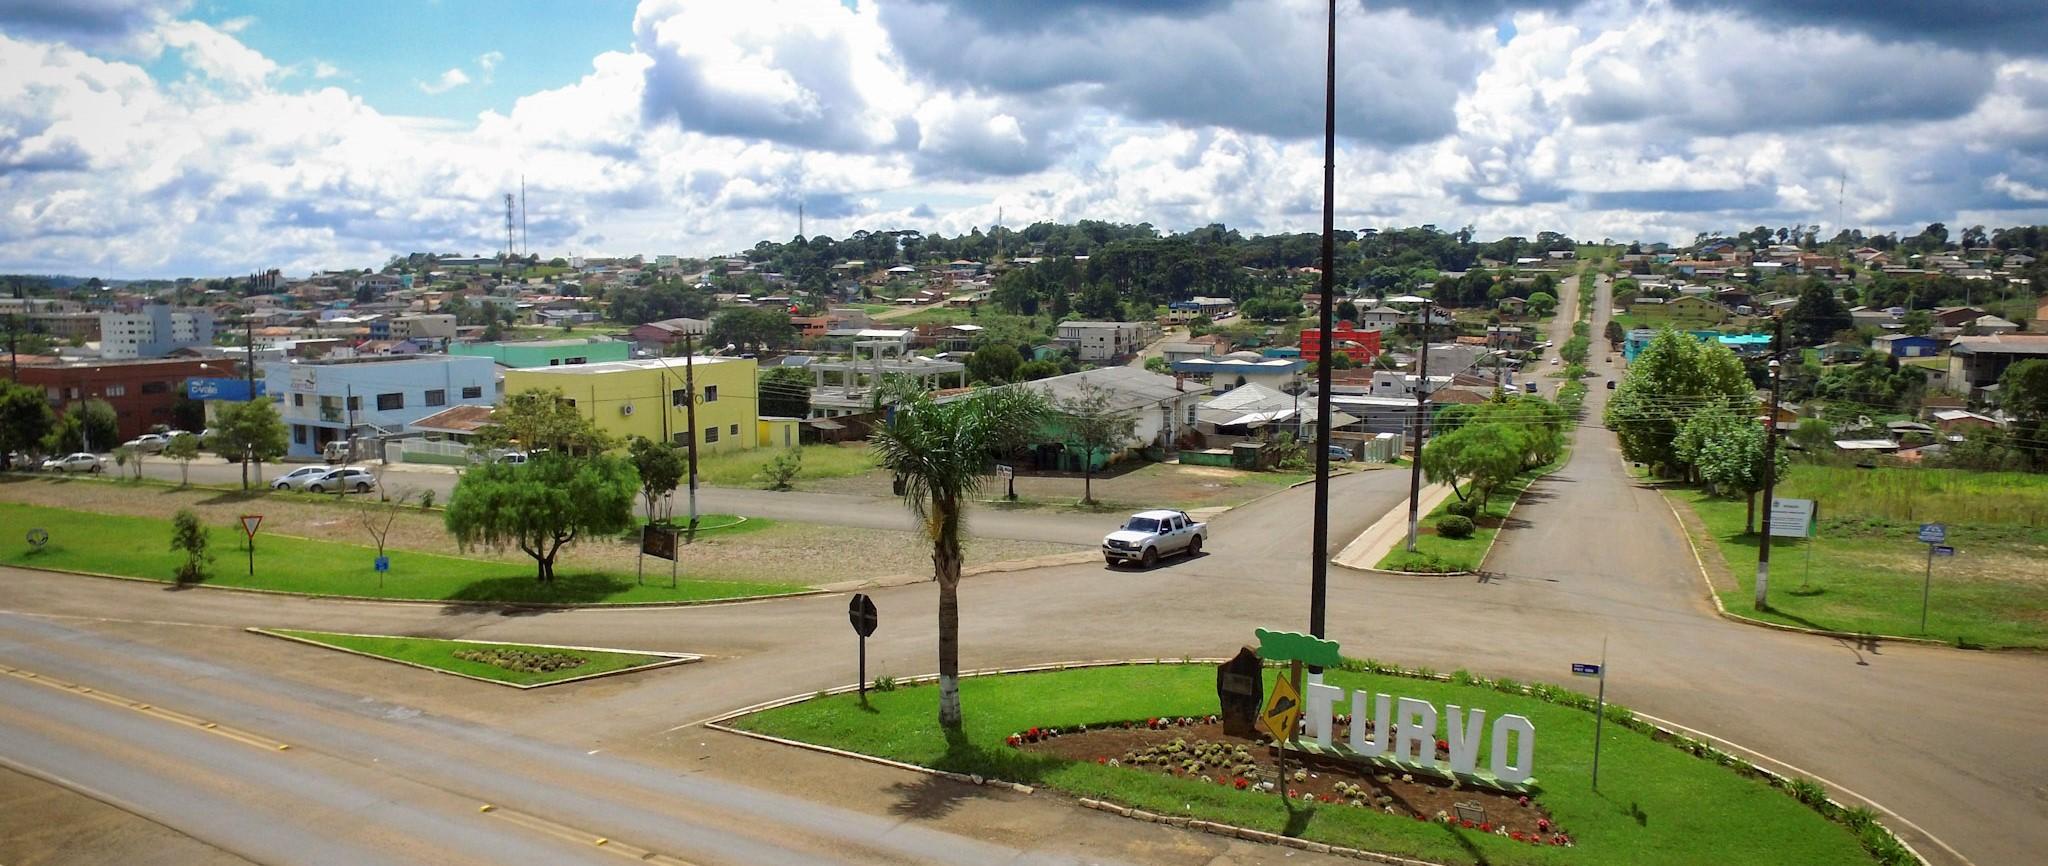 Turvo Paraná fonte: blog-static.infra.grancursosonline.com.br